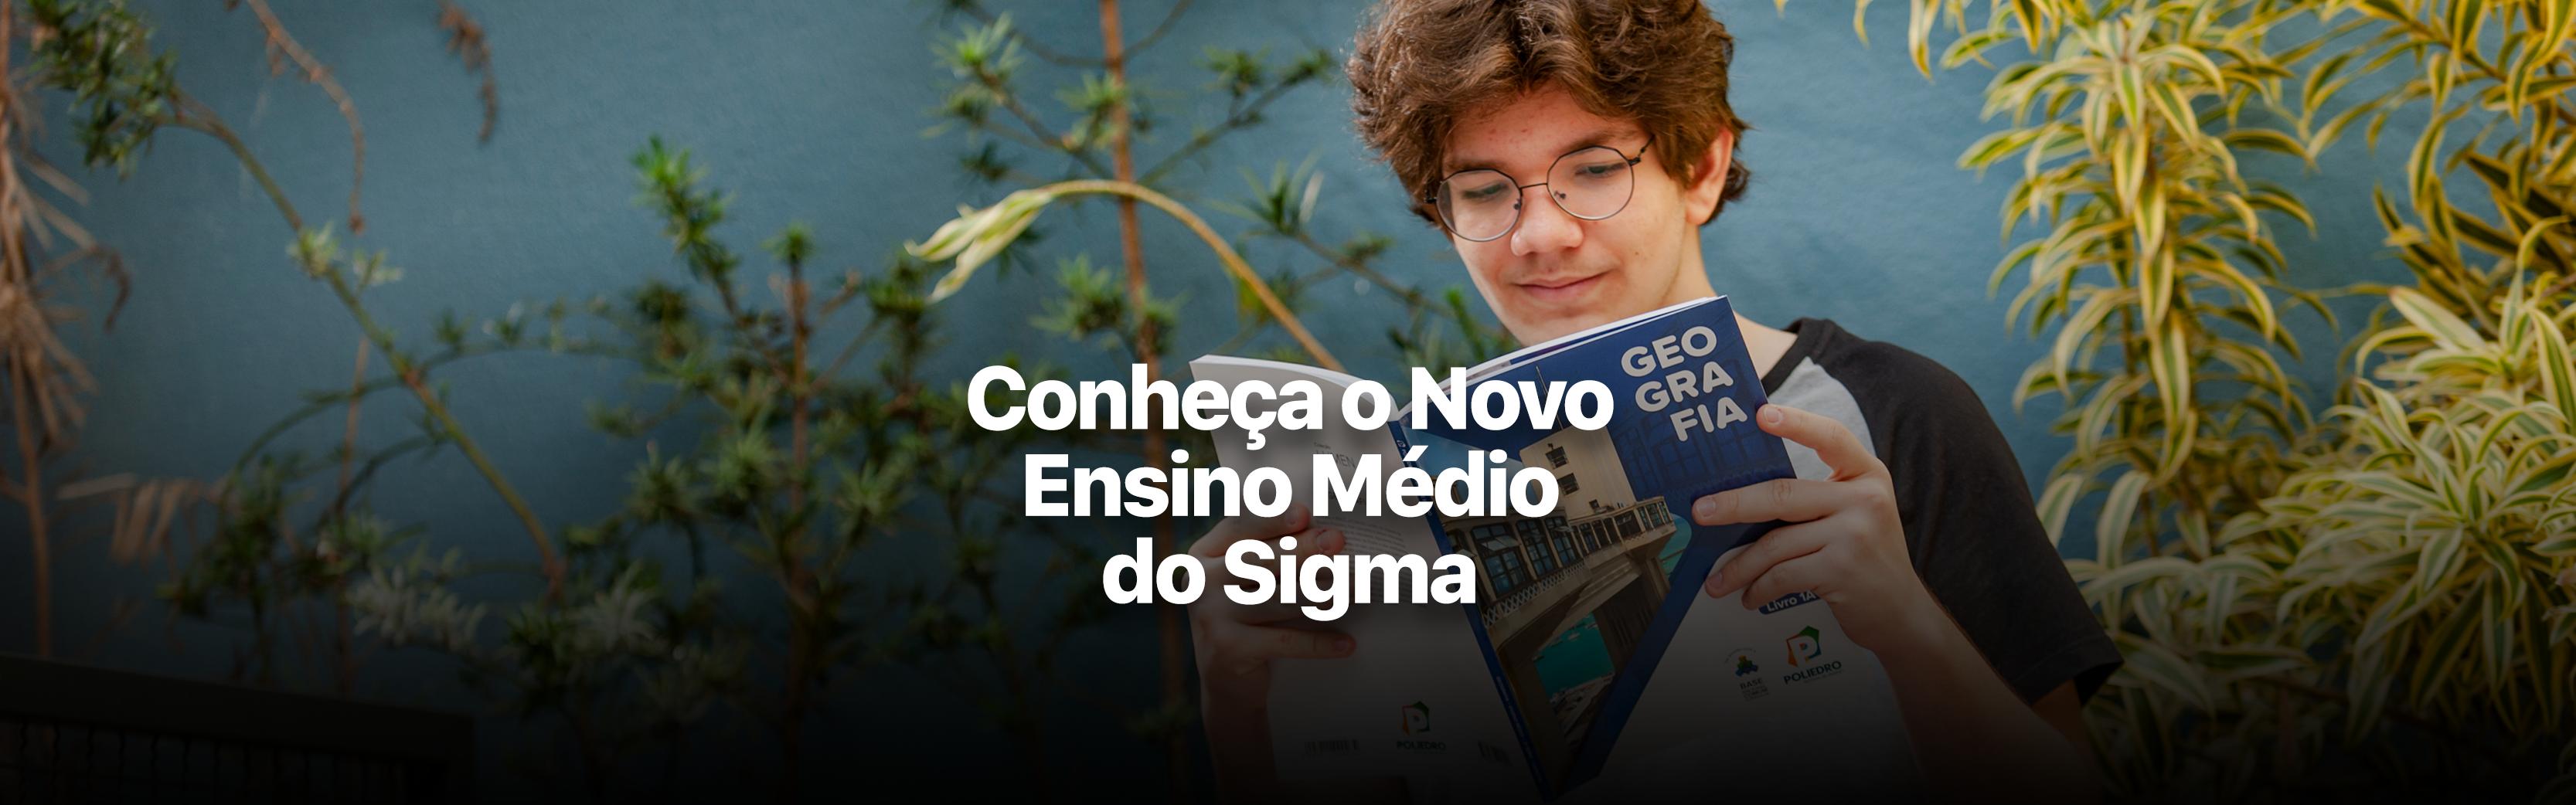 Entenda como será o Novo Ensino Médio do Colégio Sigma